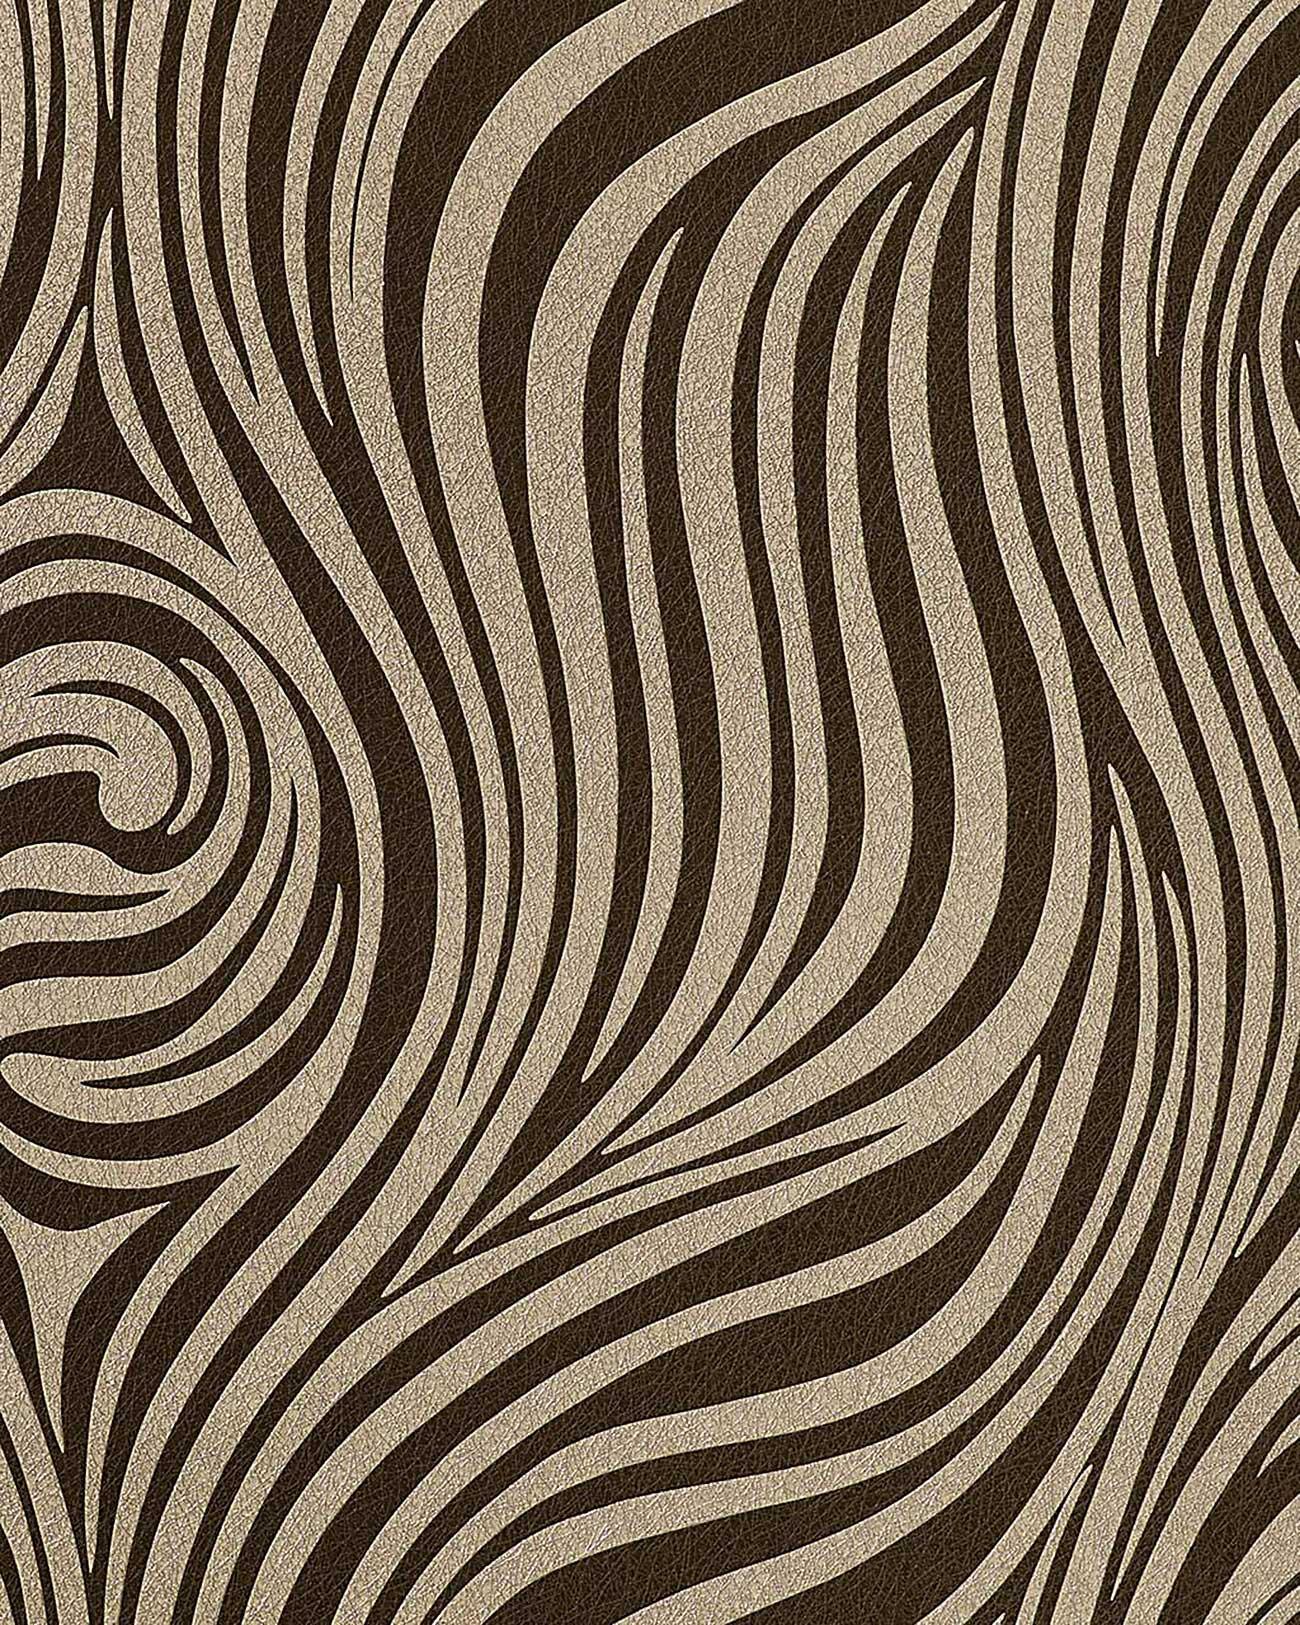 Papel pintado con patr n a rayas edem 1016 13 de cebra en for Papel pintado cebra